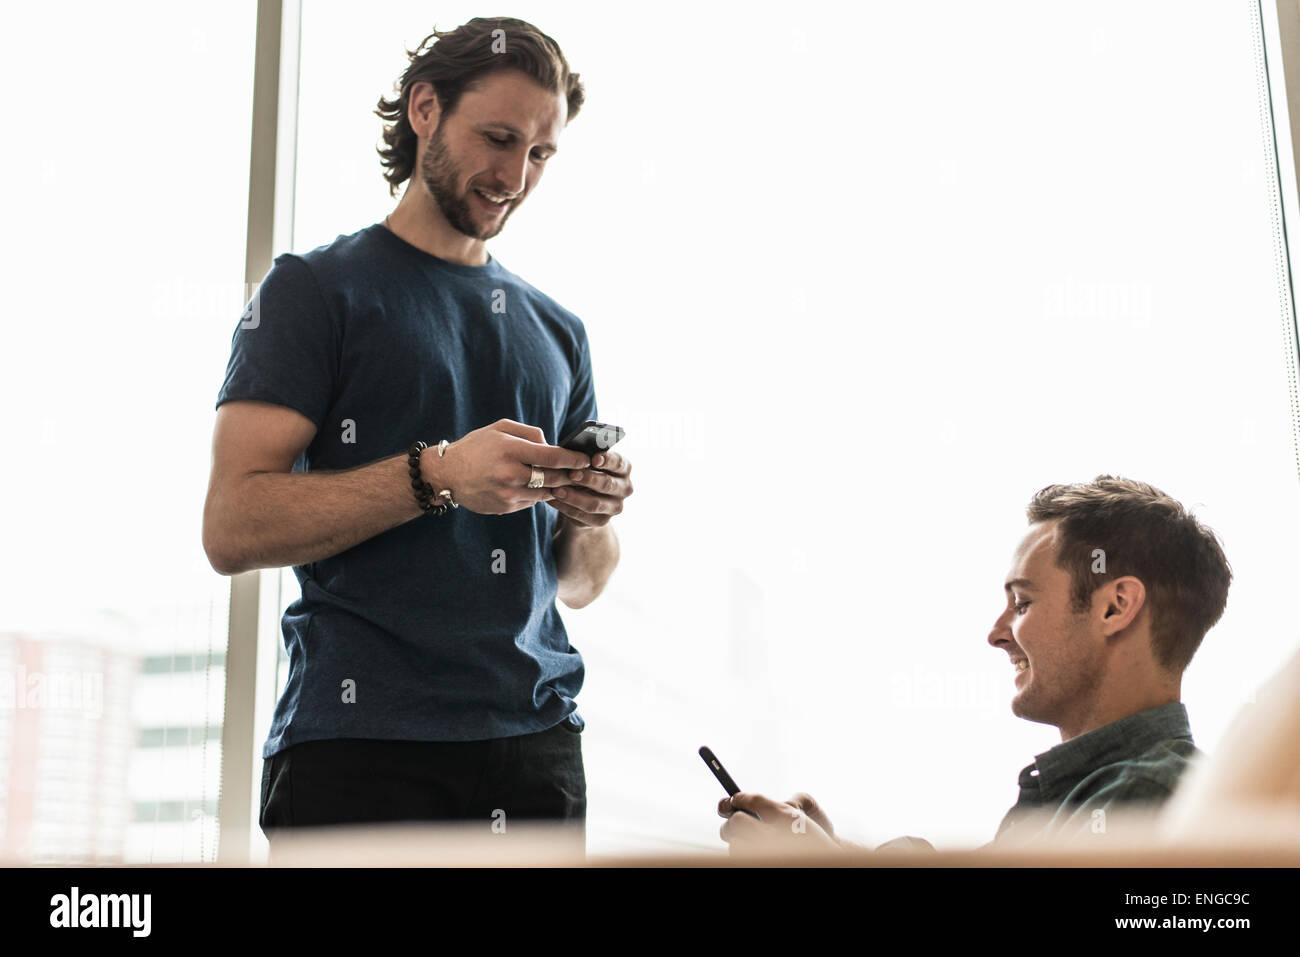 Dos hombres en una oficina, comprobación de sus teléfonos inteligentes. Imagen De Stock